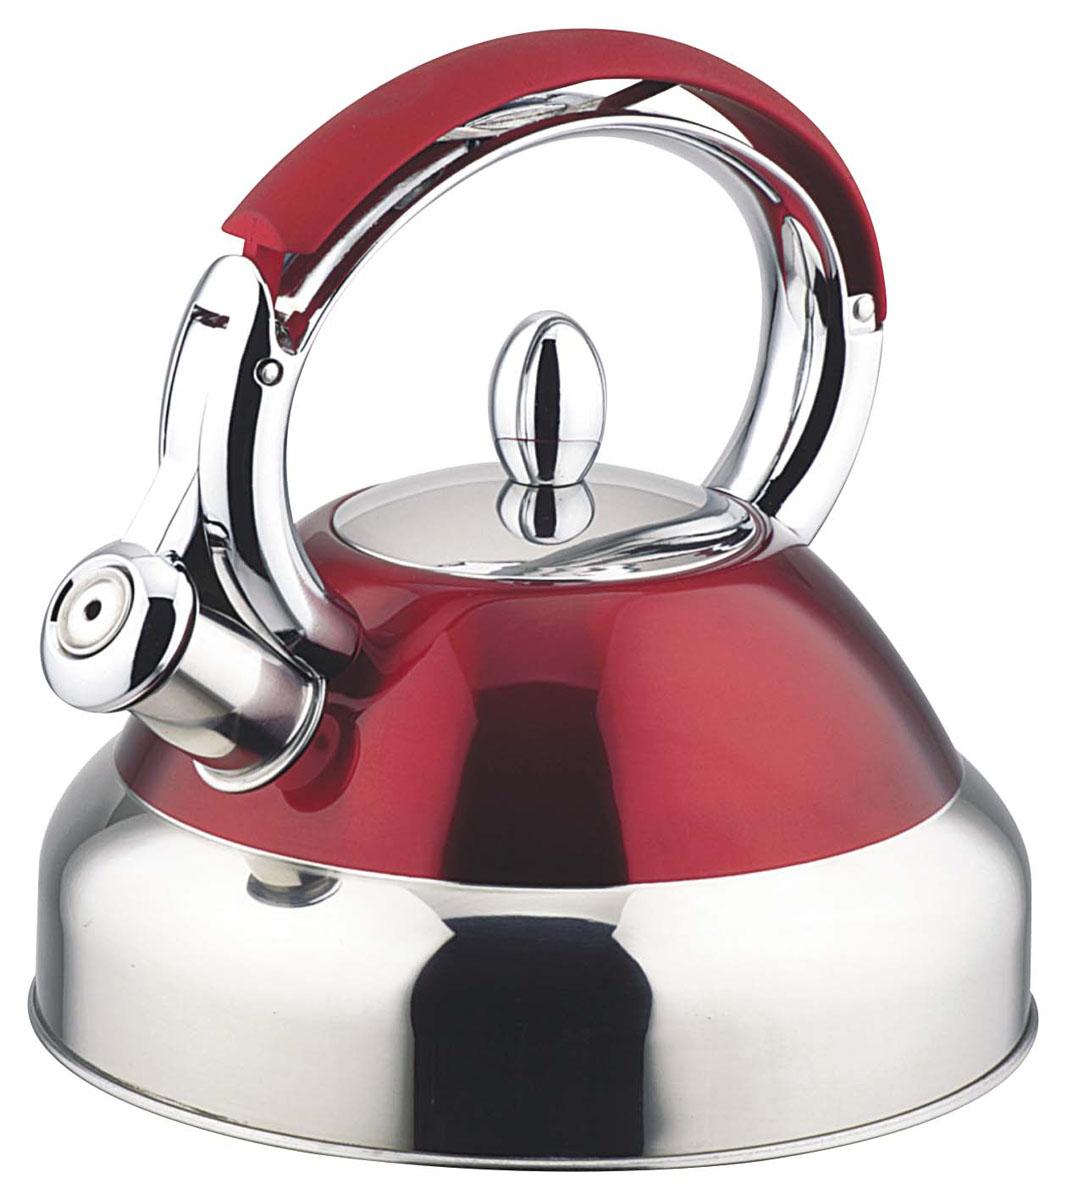 Чайник Bekker De Luxe, цвет: красный, 2,7 л. BK-S429BK-S429 красныйКорпус чайника Bekker De Luxe выполнен из высококачественной нержавеющей стали, что обеспечивает долговечность использования. Цветной корпус придает приятный внешний вид. Металлическая ручка с цветным прорезиненным покрытием делает использование чайника очень удобным и безопасным. Чайник снабжен свистком и устройством для открывания носика. Капсулированное дно равномерно распределяет тепло, что способствует быстрому нагреванию чайника.Можно мыть в посудомоечной машине.Толщина стенки: 0,5 мм.Высота чайника (без учета ручки): 11 см.